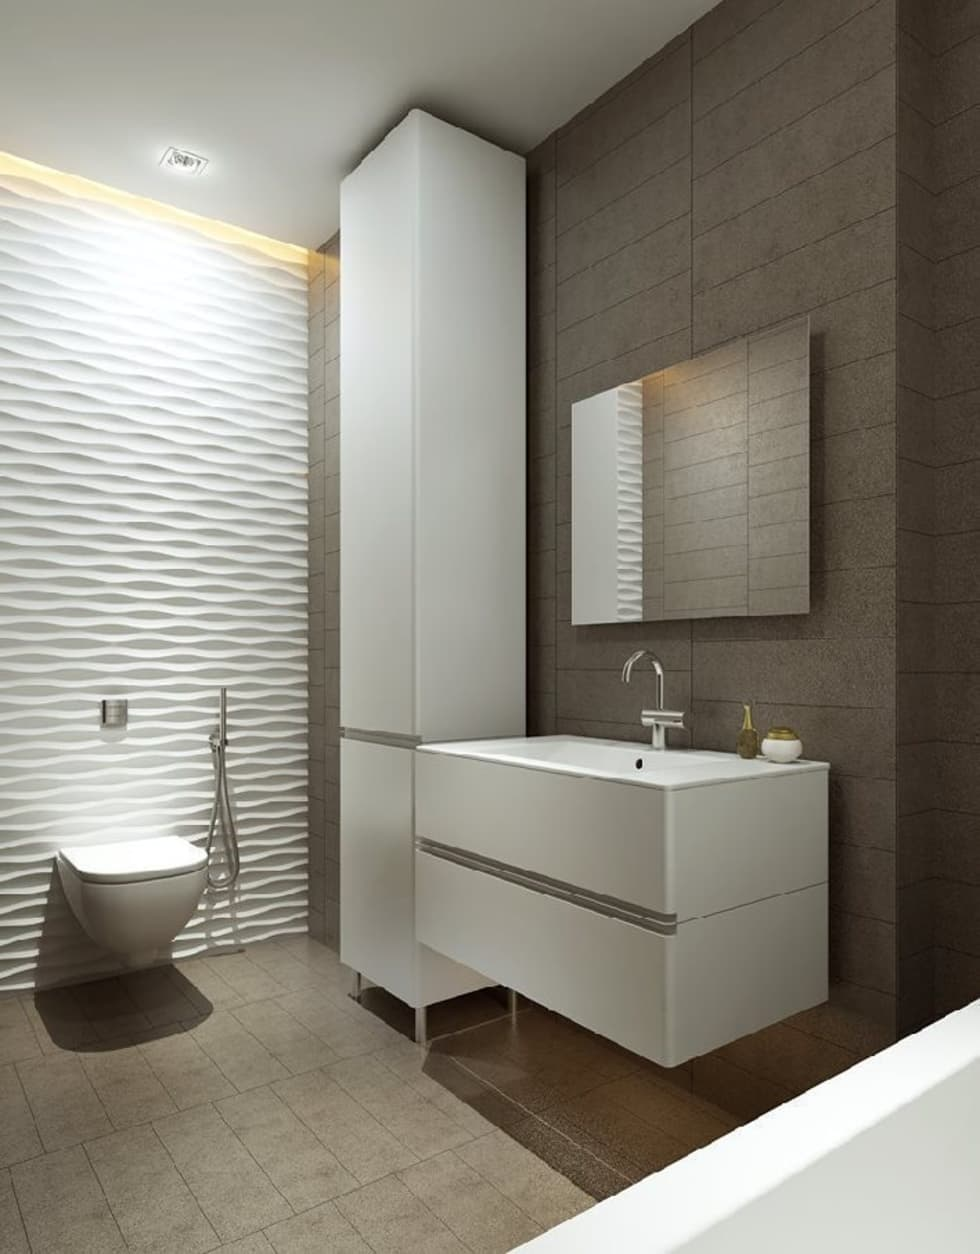 Panele MDF 3D w łazience: styl , w kategorii Łazienka zaprojektowany przez Luxum